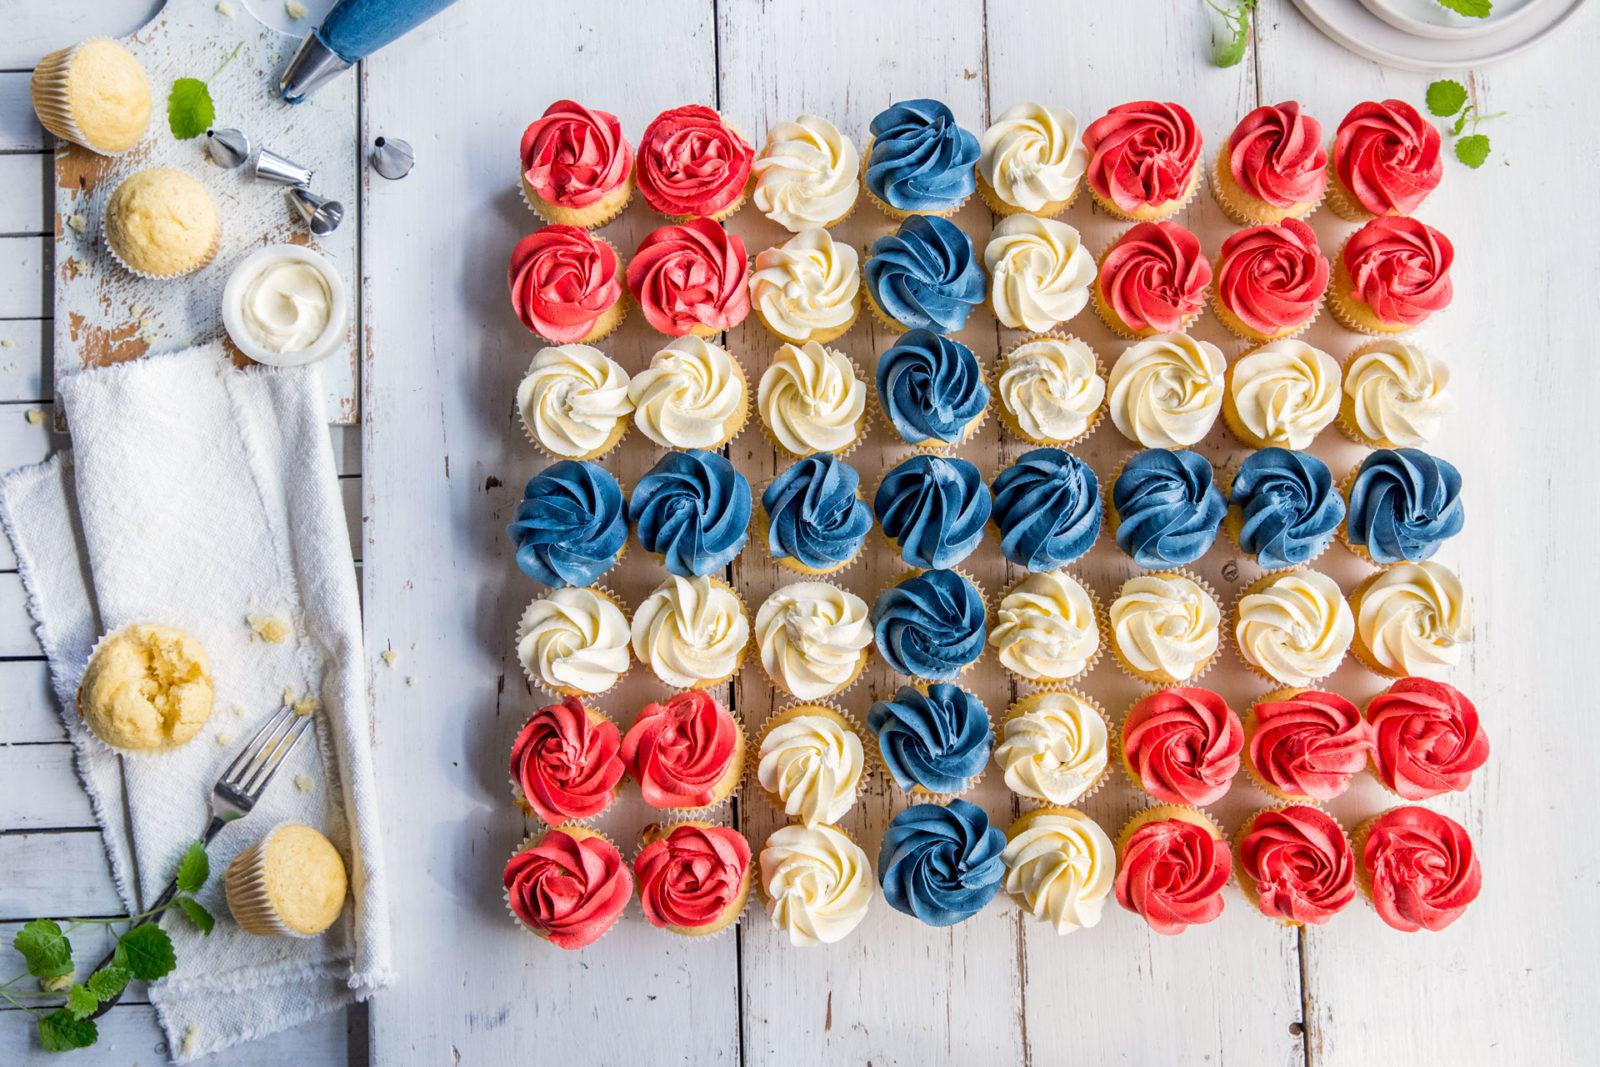 Muffins i flaggformasjon